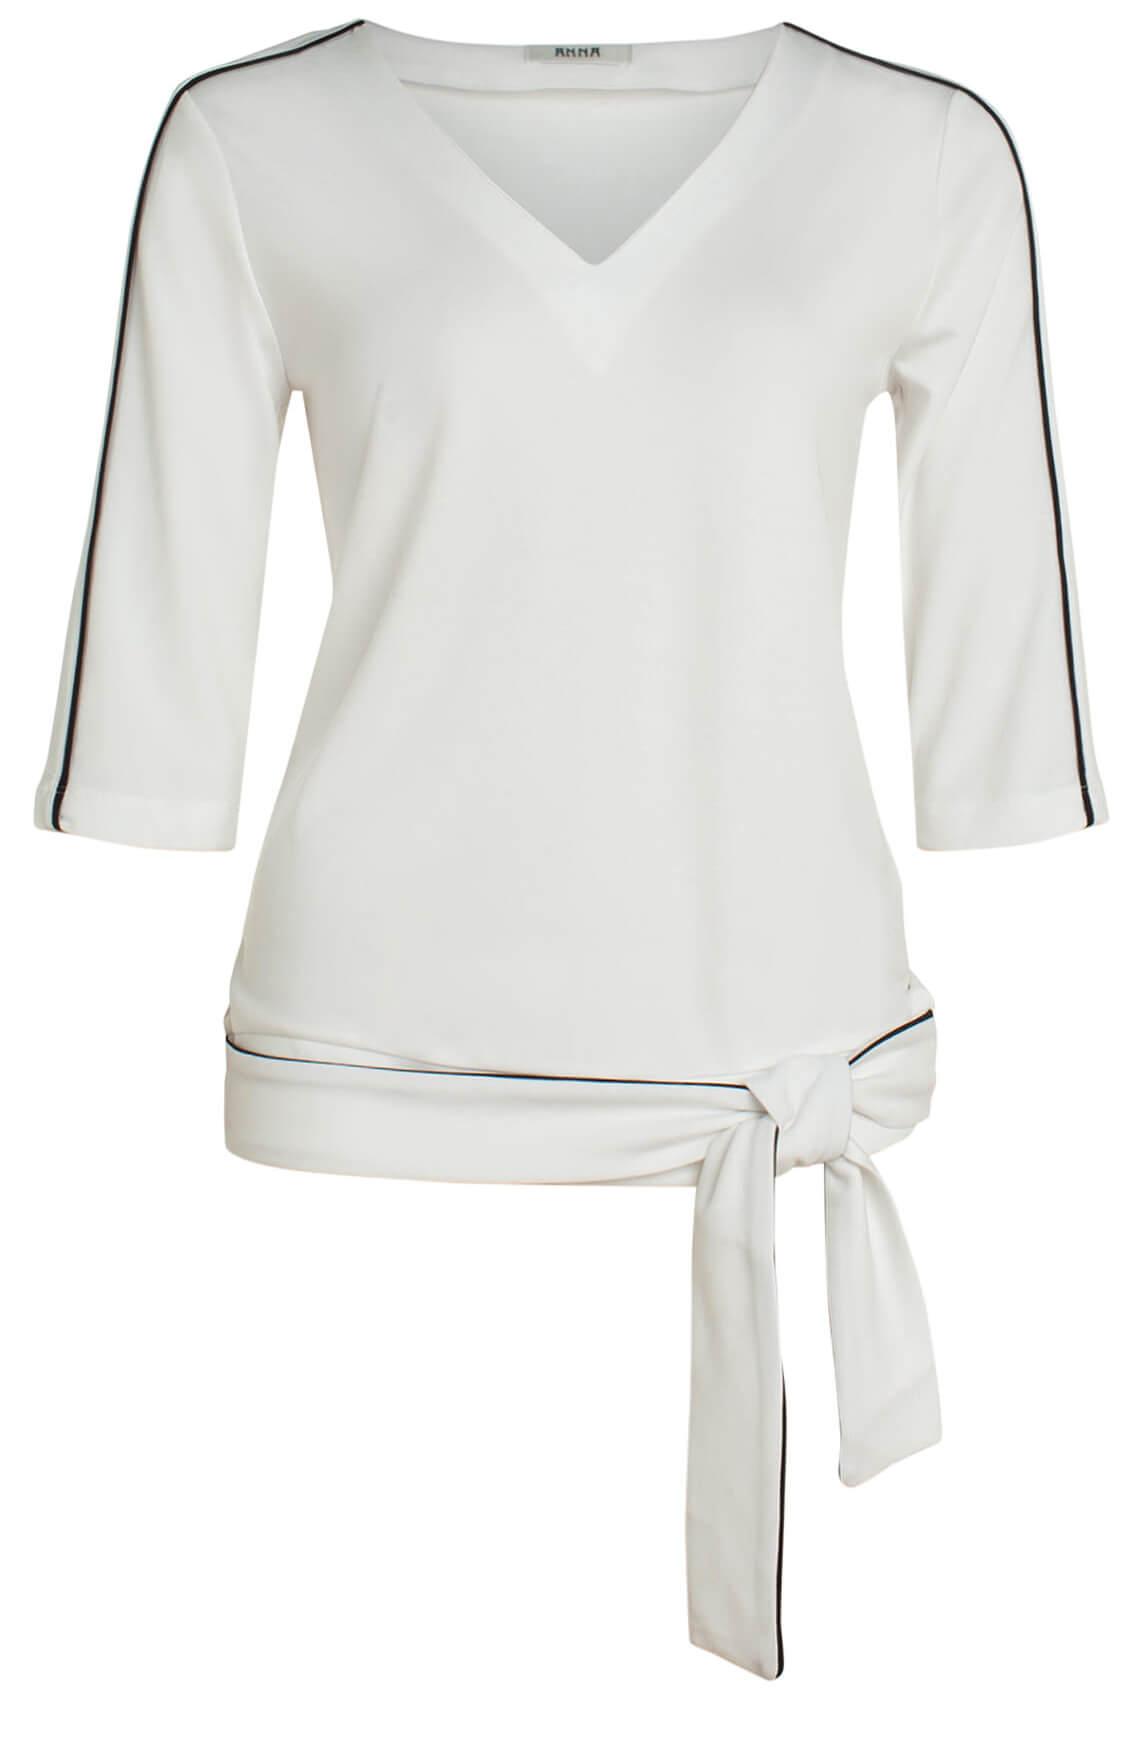 Anna Dames Shirt met ceintuur wit